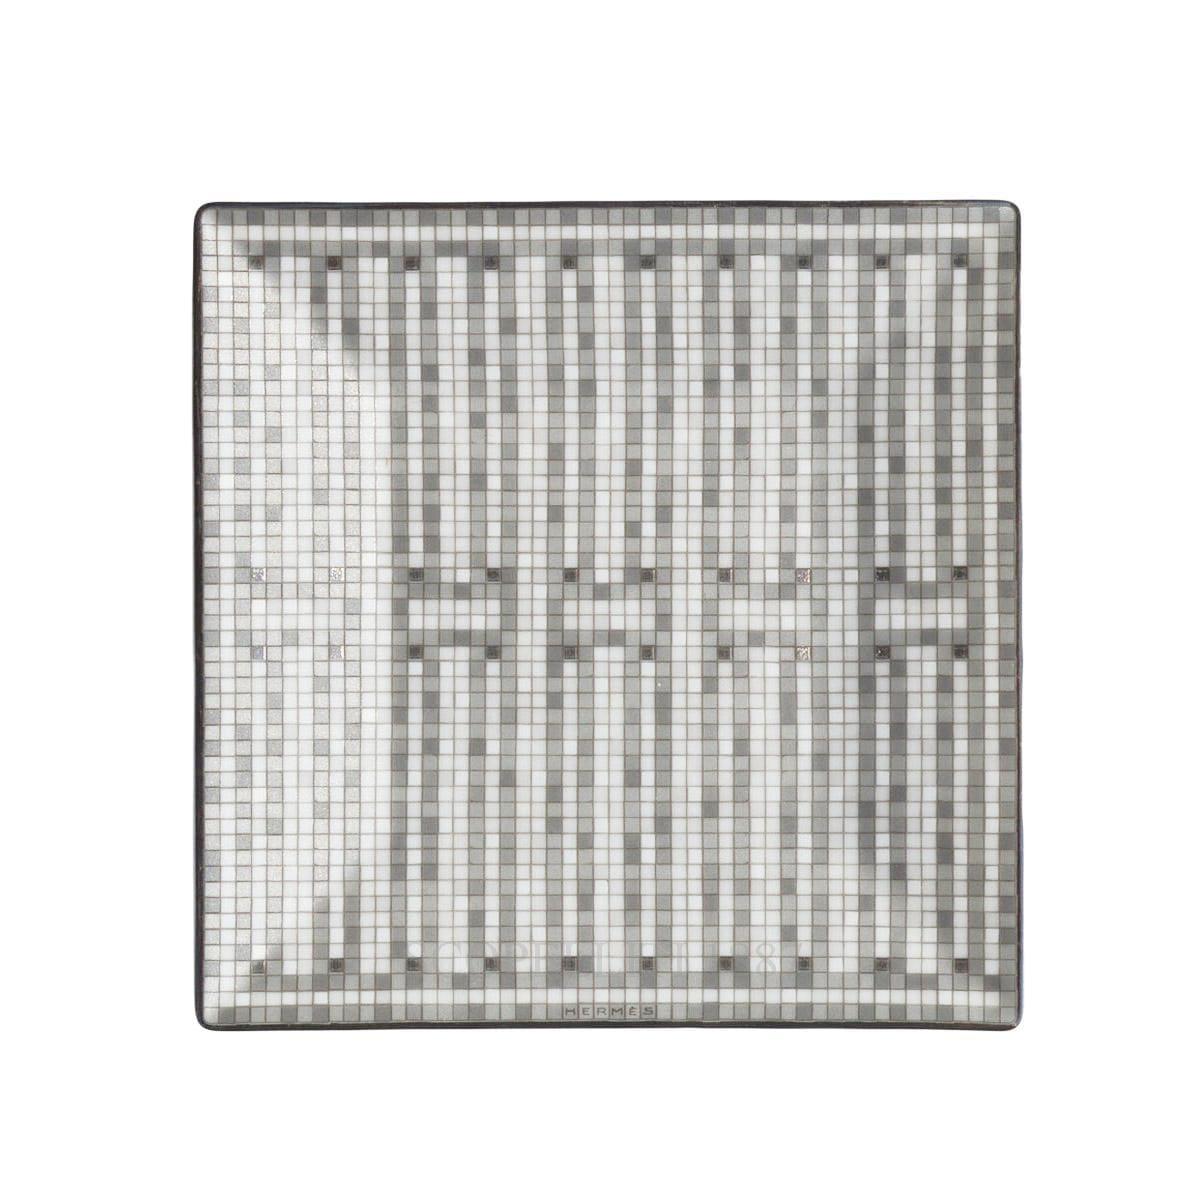 hermes mosaique au designer platinum square plate